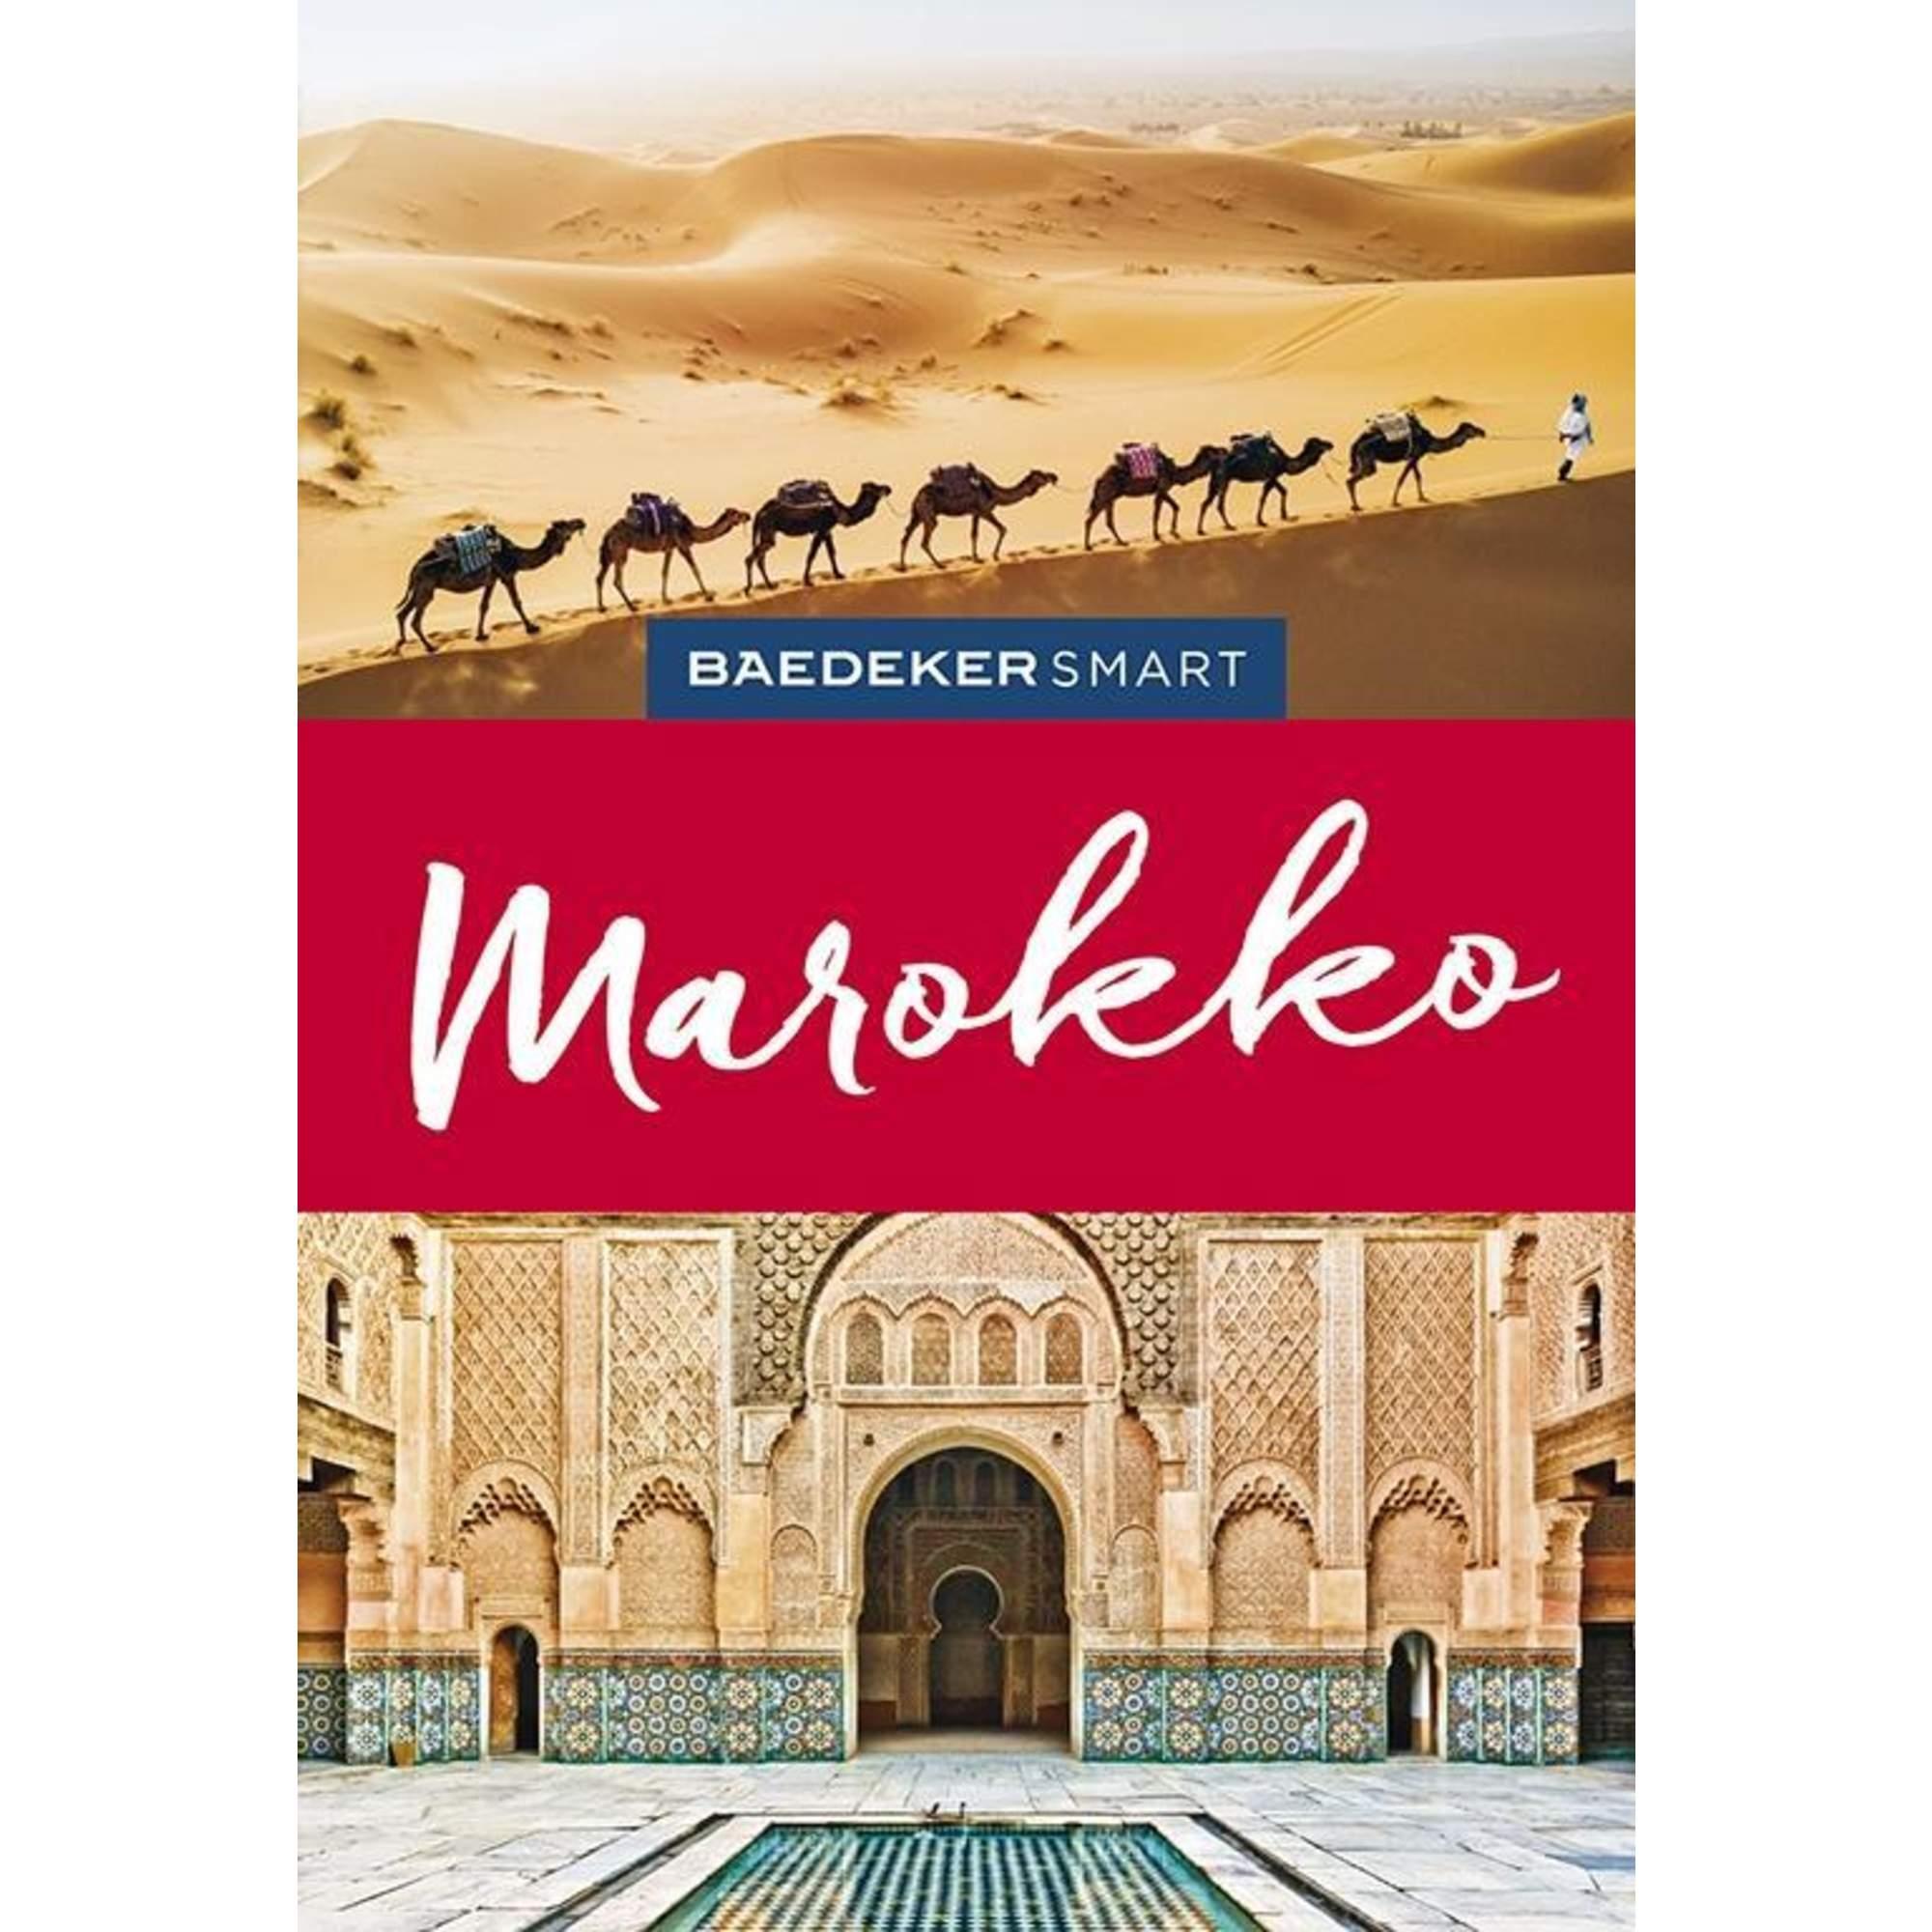 Baedeker SMART Reiseführer Marokko, 15,95 Euro